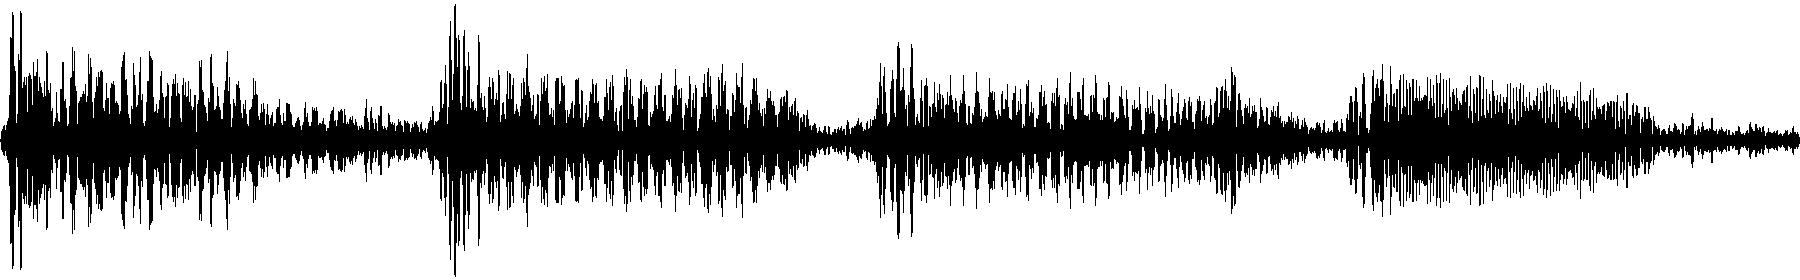 148 guitar loop 01